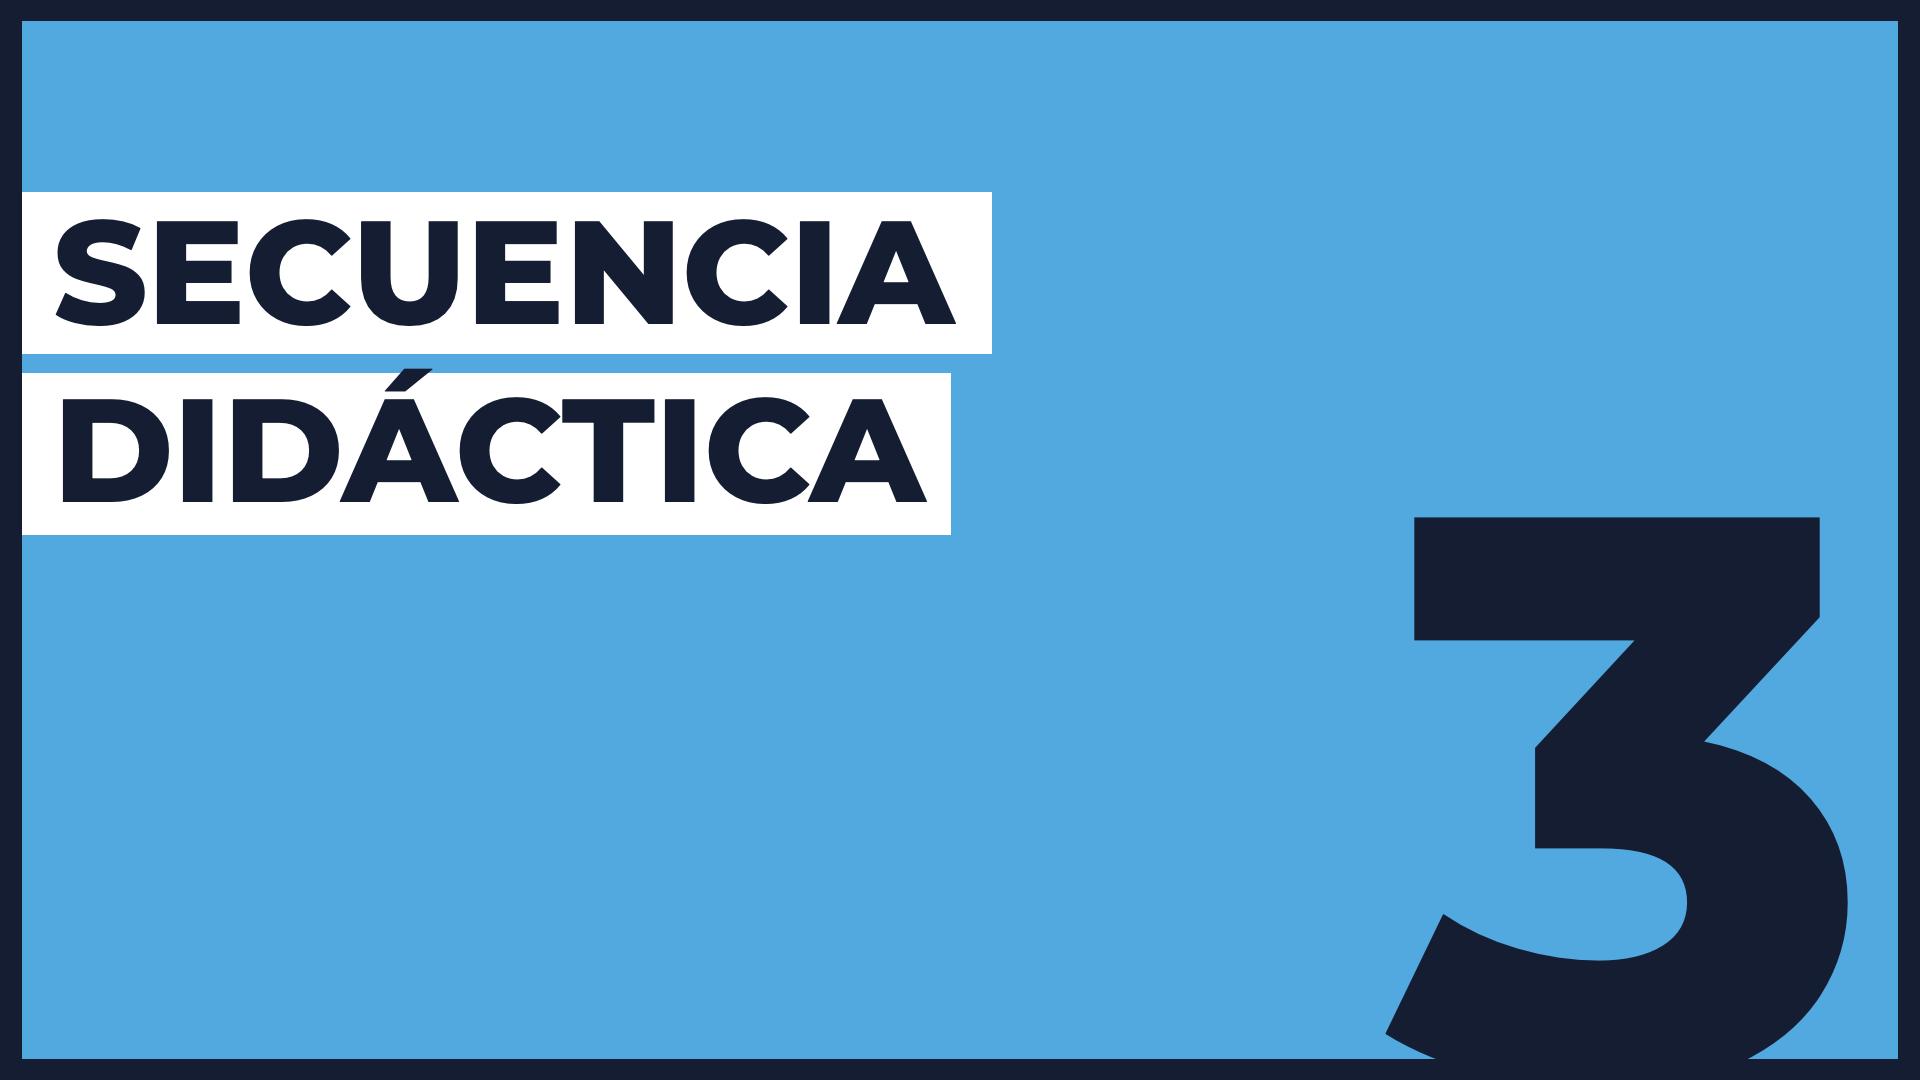 Capa 3️⃣ Secuencia didáctica